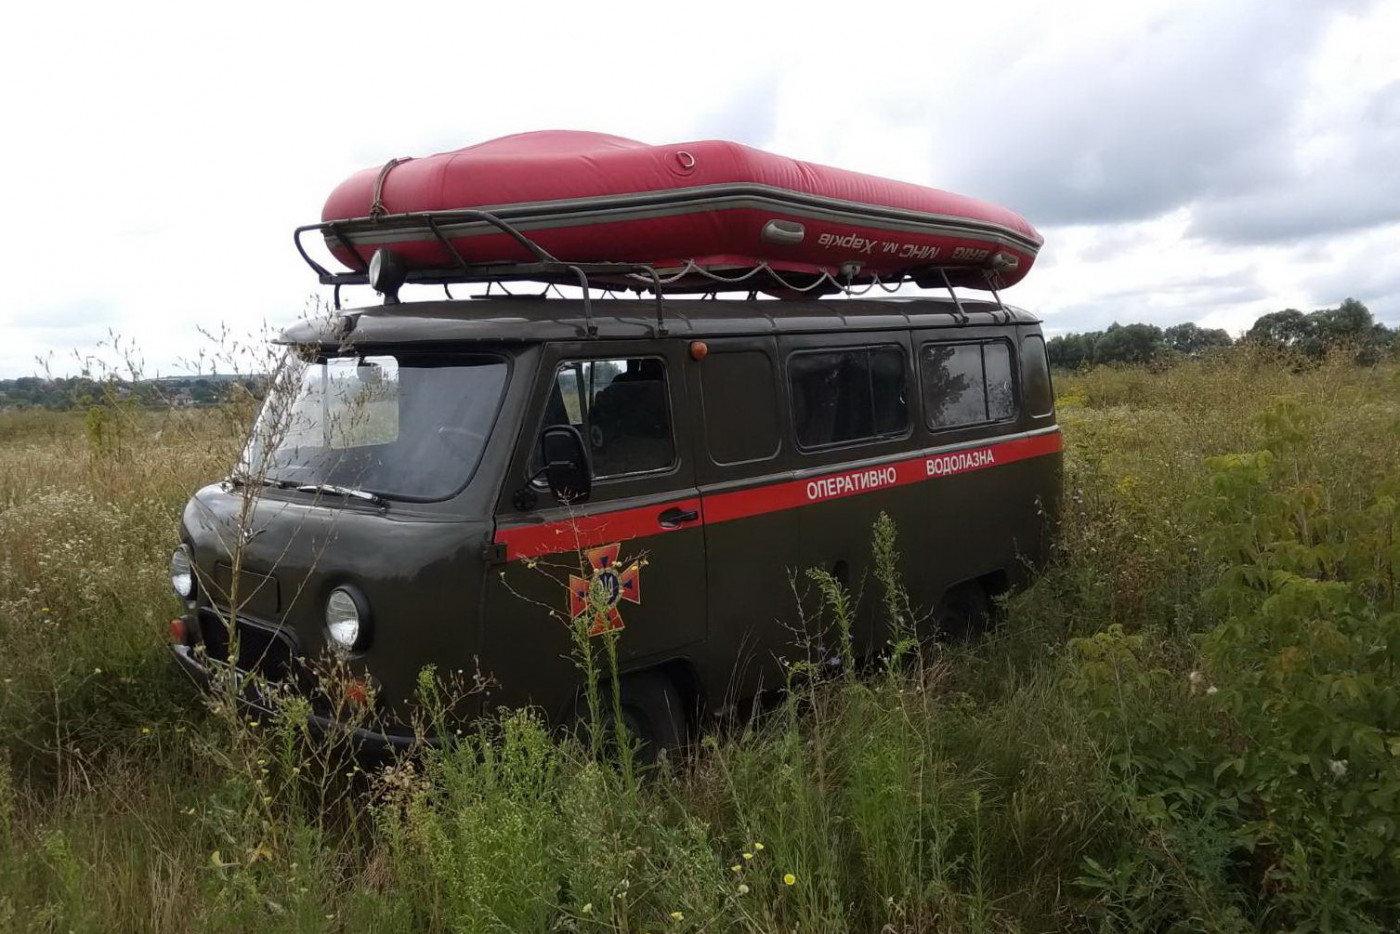 В Дергачах спасатели нашли тело пенсионера, утонувшего в реке Лопань - ФОТО, фото-2